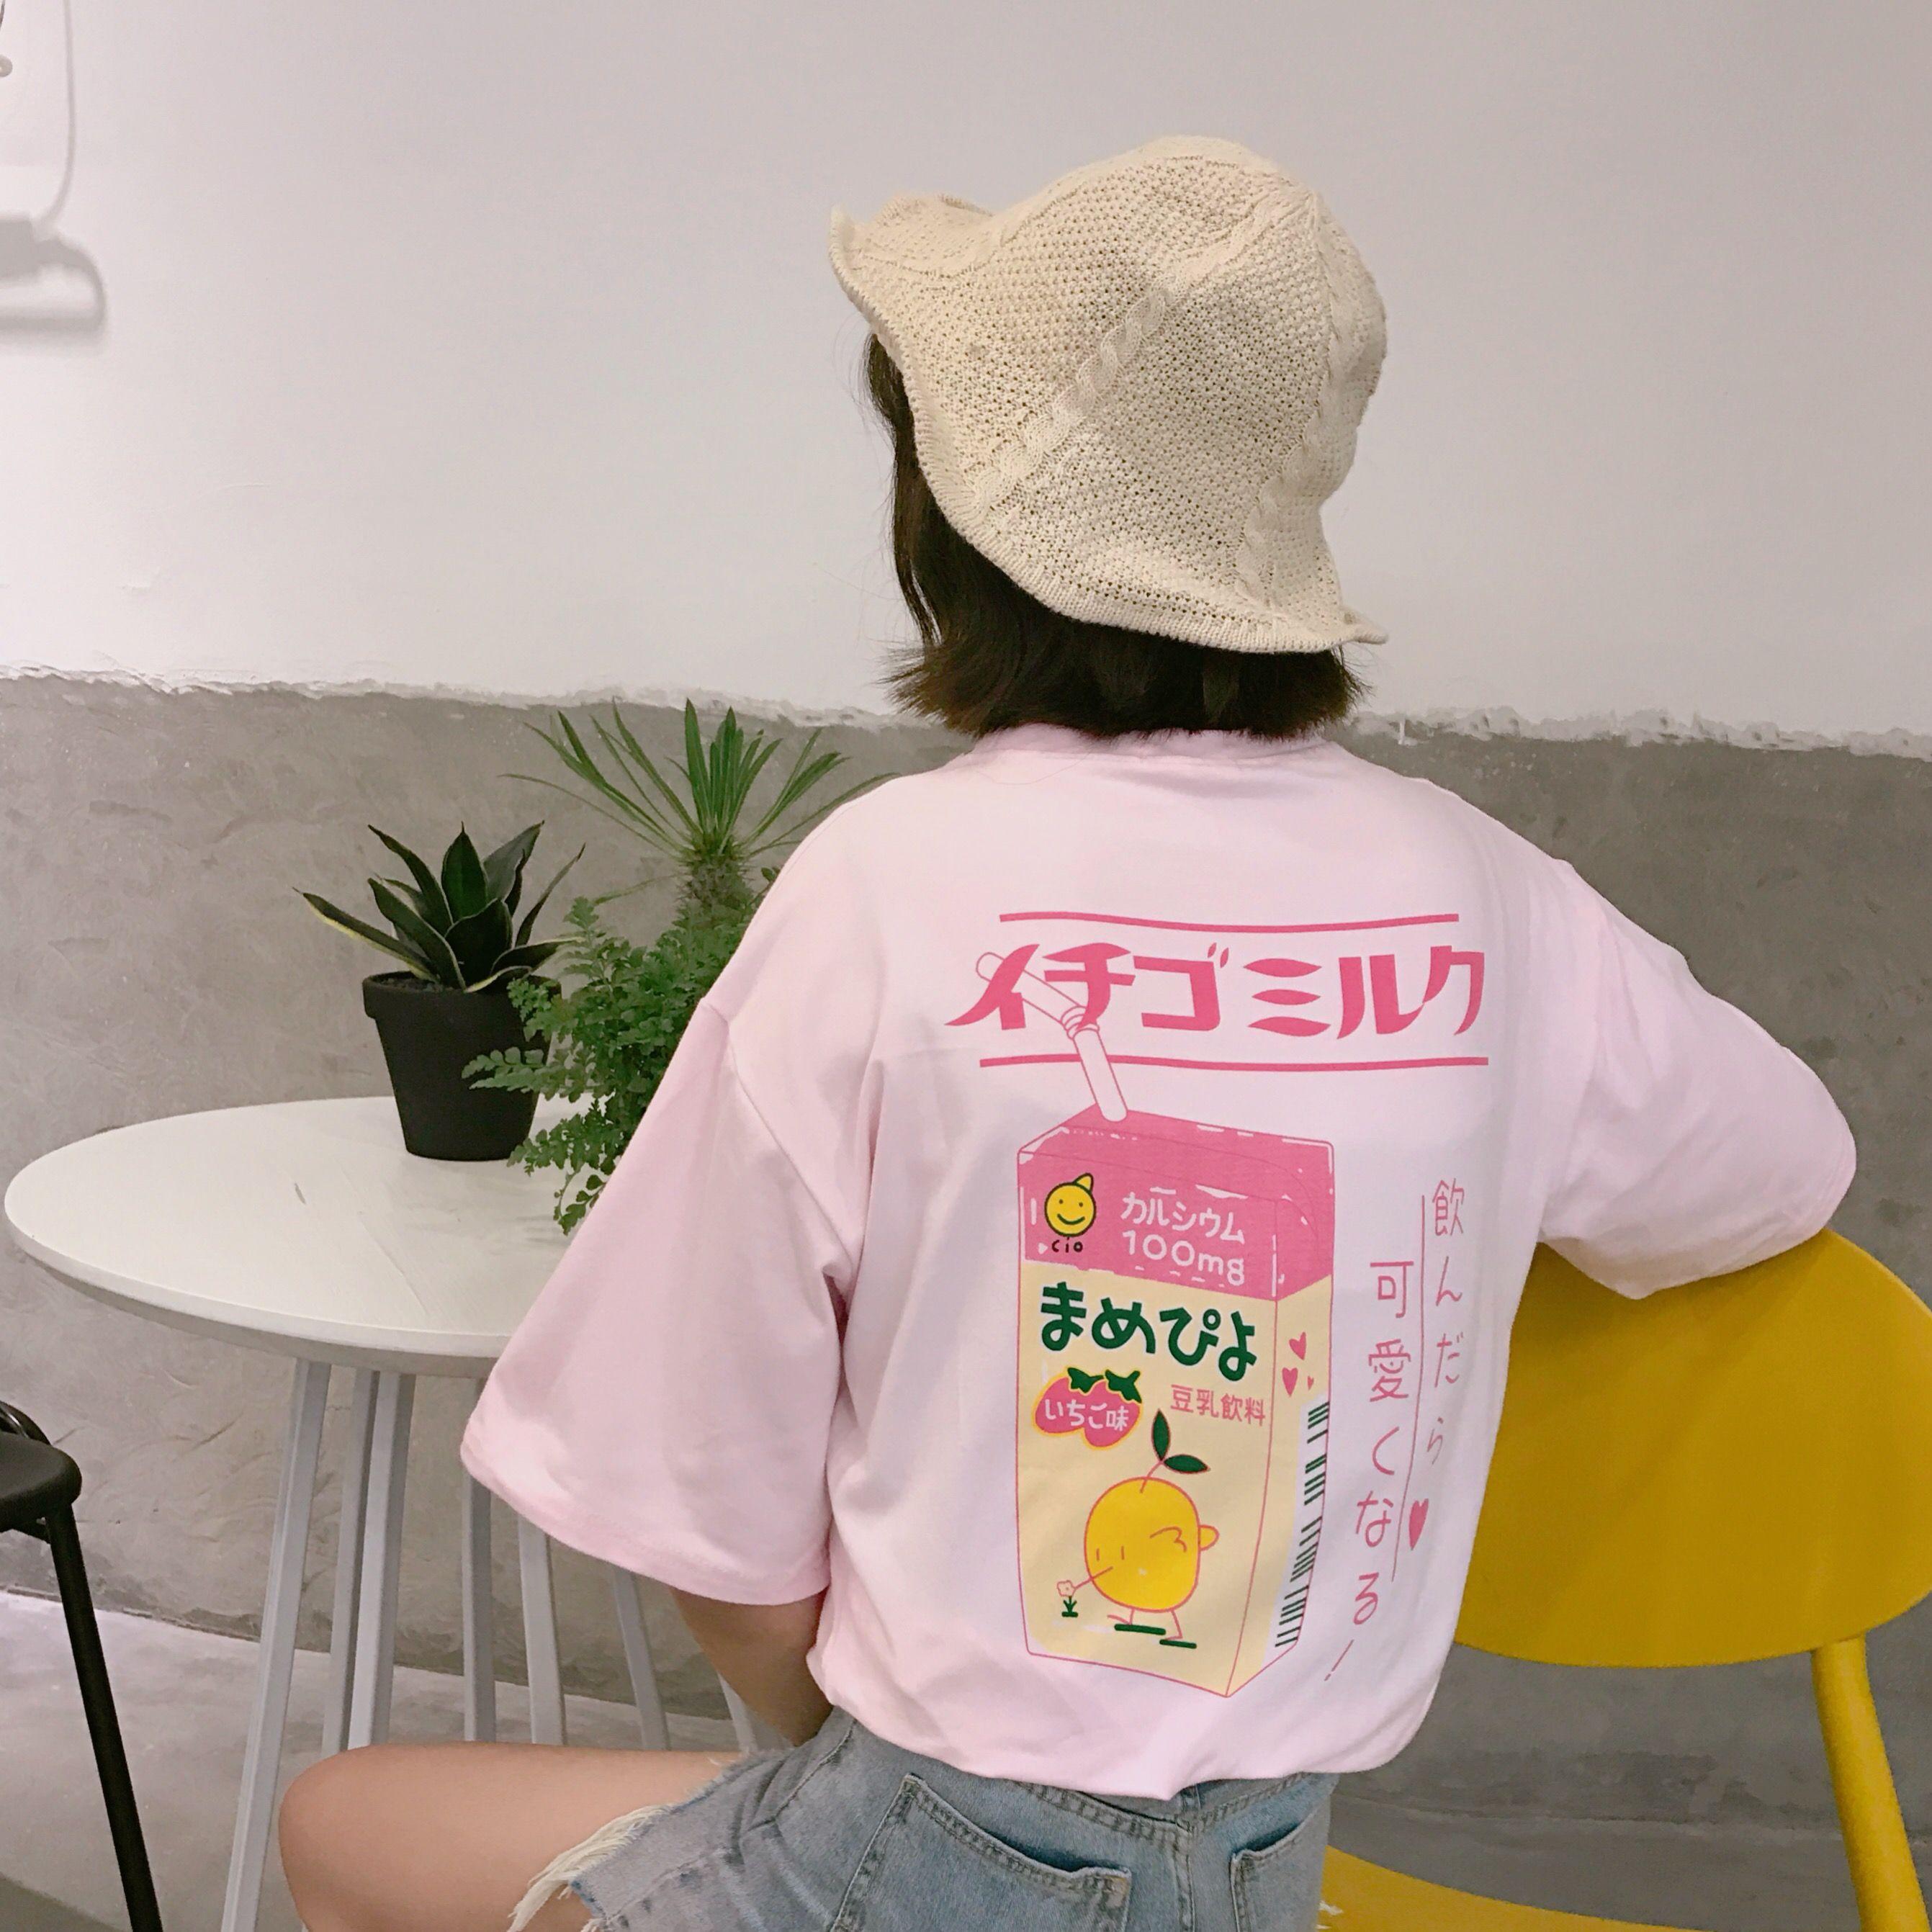 2017 d'été Japonais lettre mignon frais simple coton doux preppy style courtes manches t-shirts pour femme